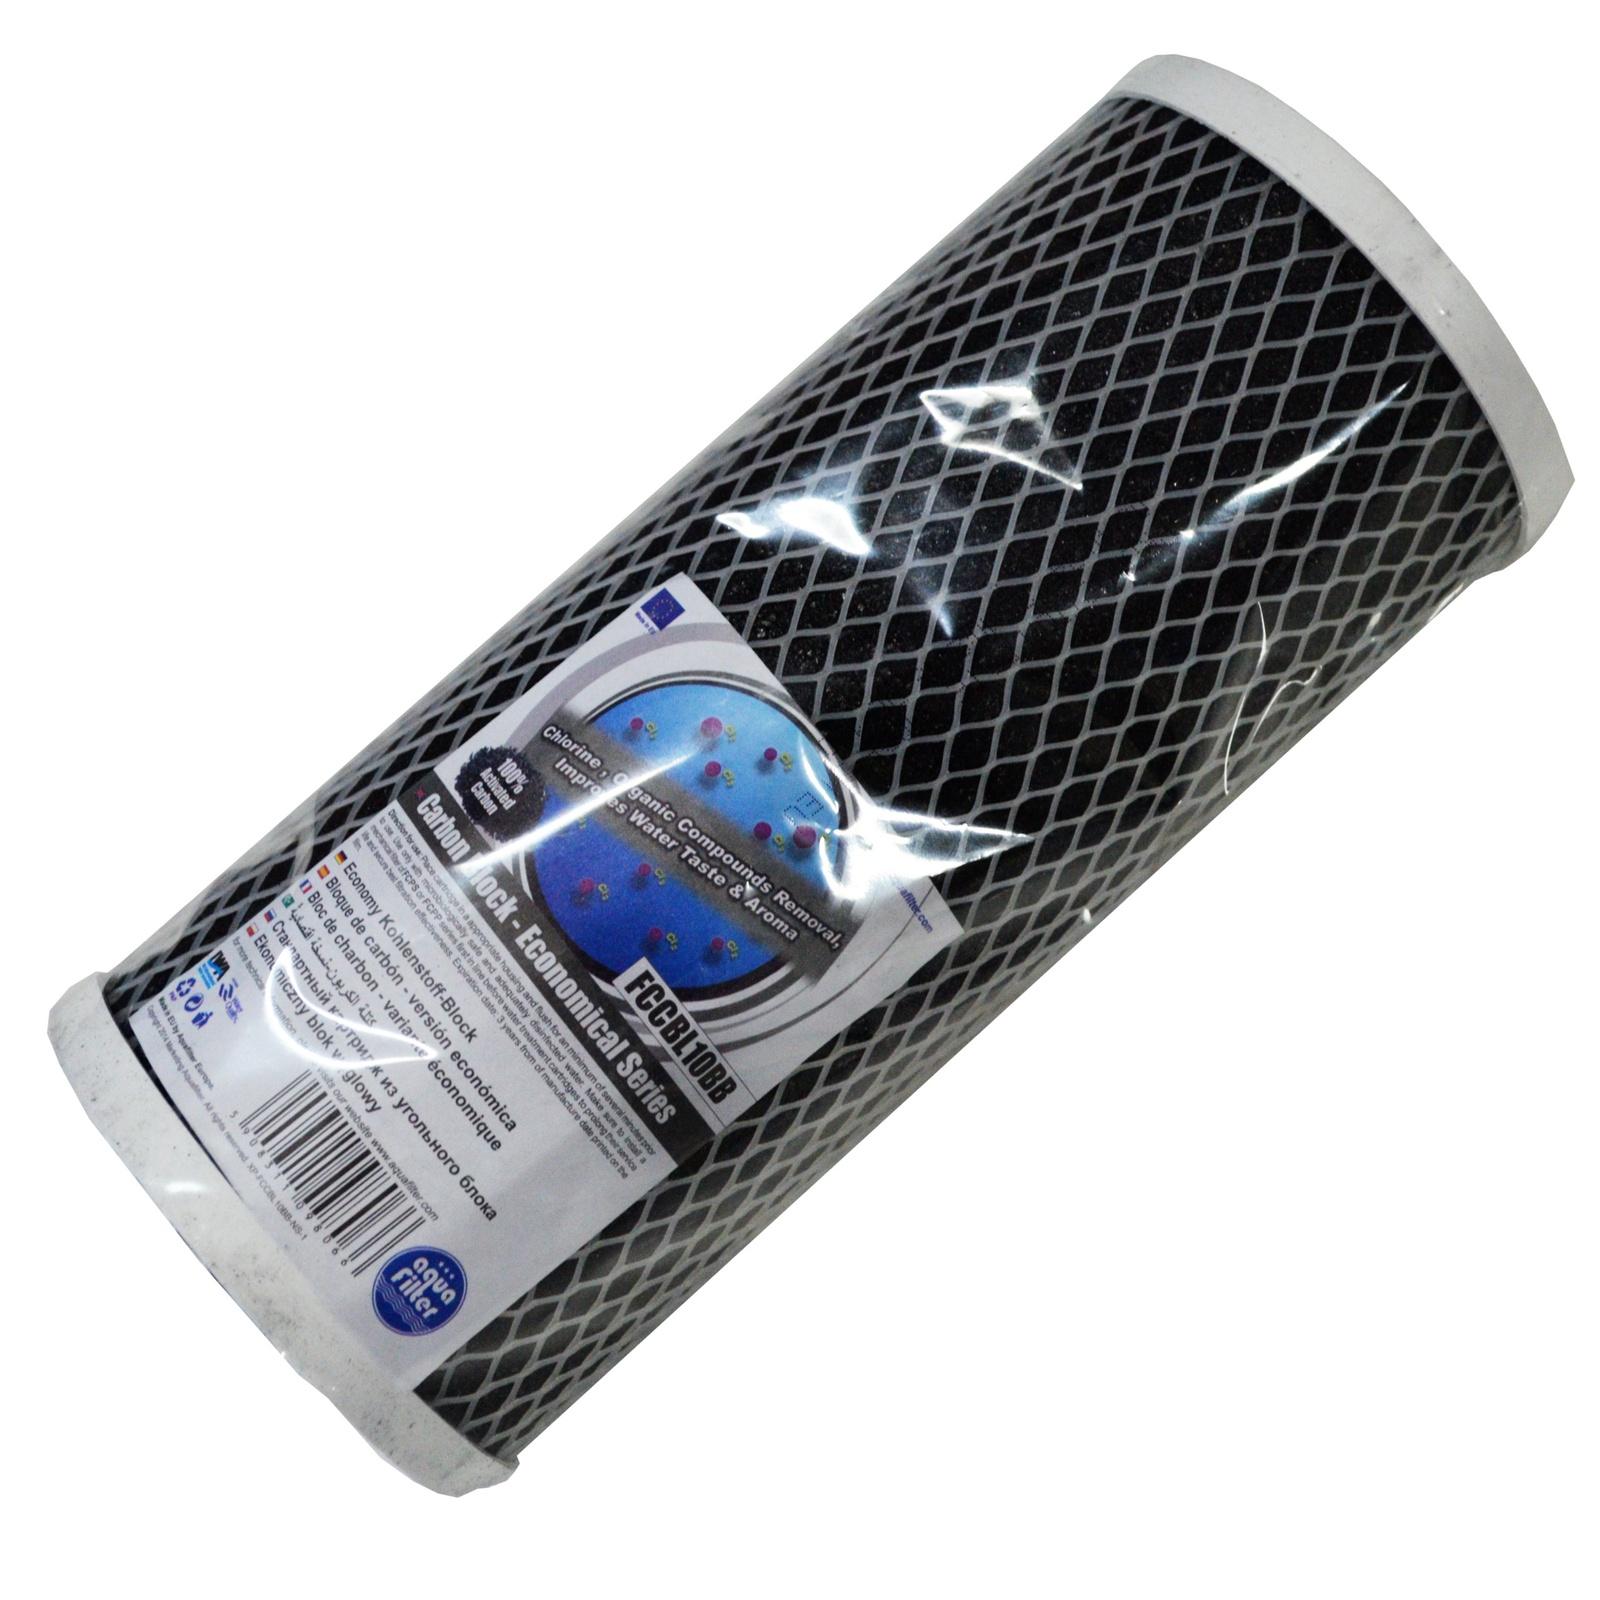 Картридж угольный, карбон-блок 10ВВ (активированный уголь) Aquafilter FCCBL10BB, 679